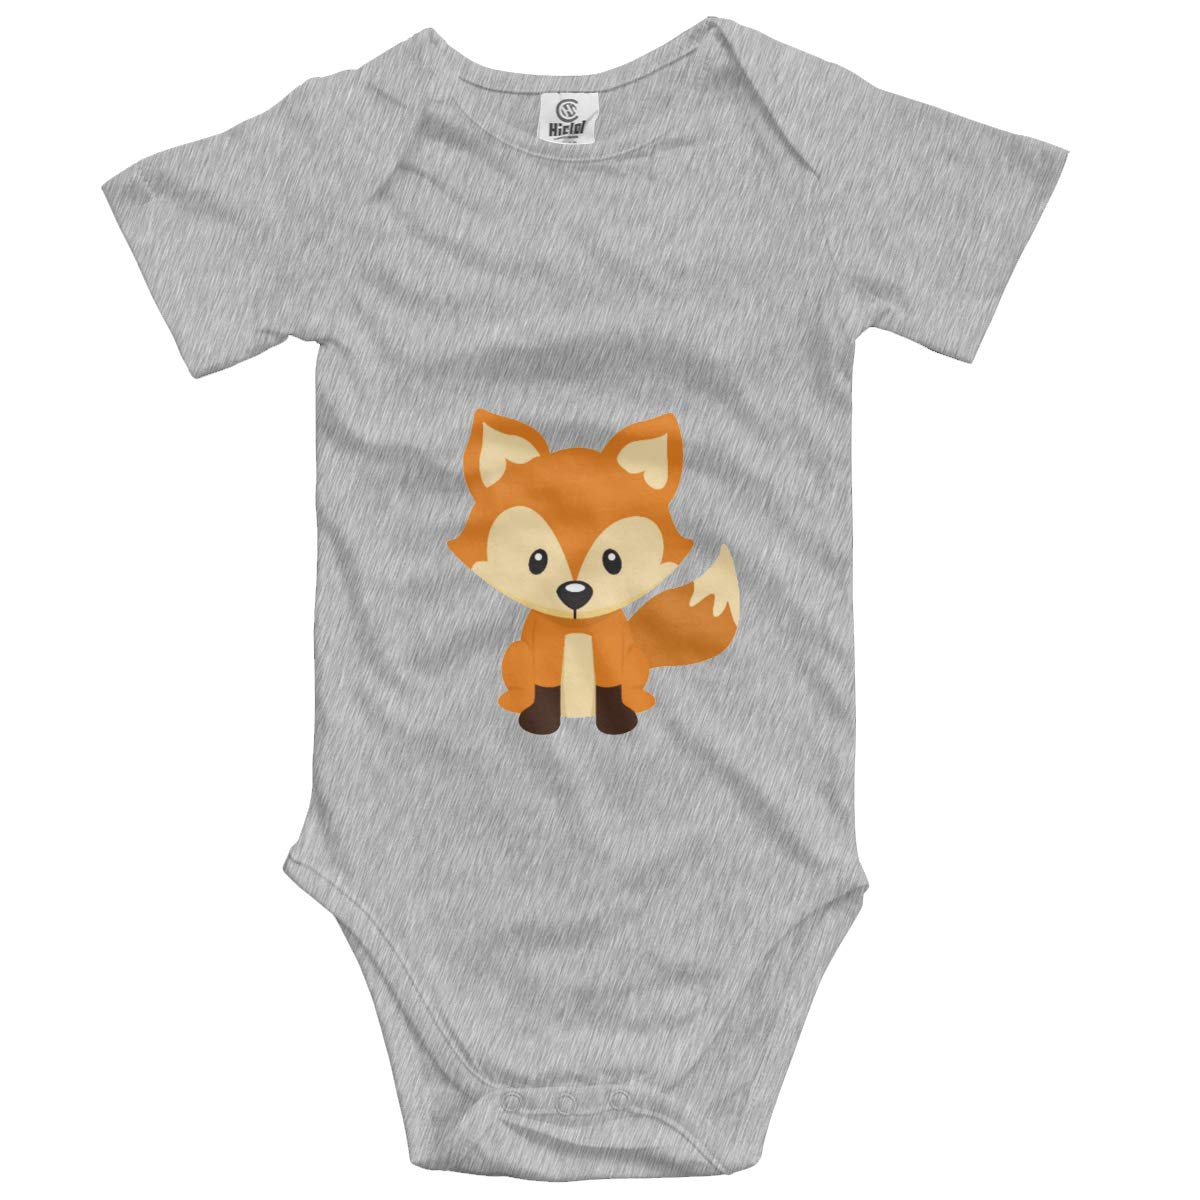 Nanagang Cute Orange Fox Babys Short Sleeves Babyclothes Comfortable Gray